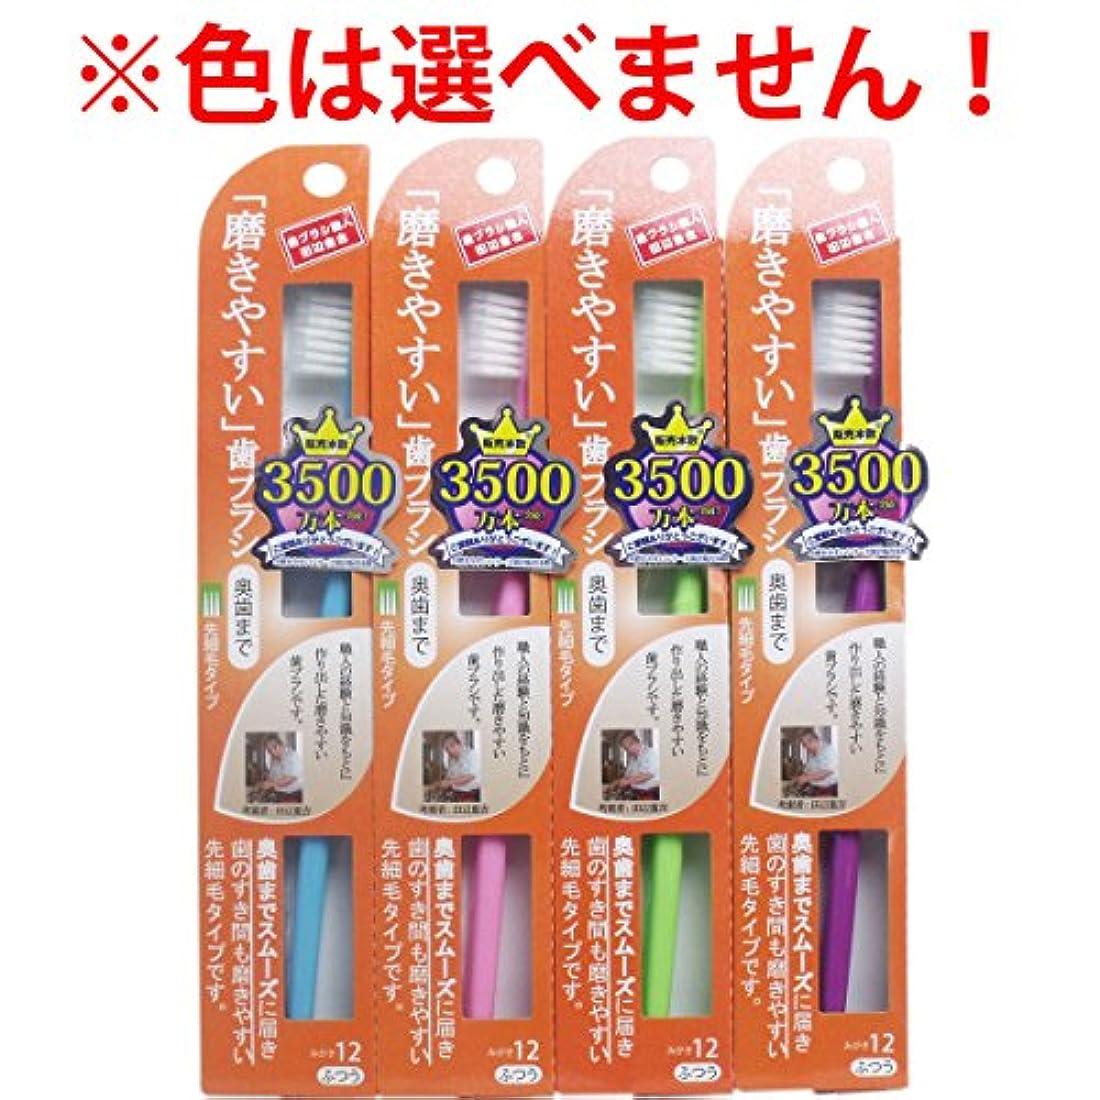 トロリー反論論争的【2セット】磨きやすい歯ブラシ(奥歯まで)先細 1P*12本入り